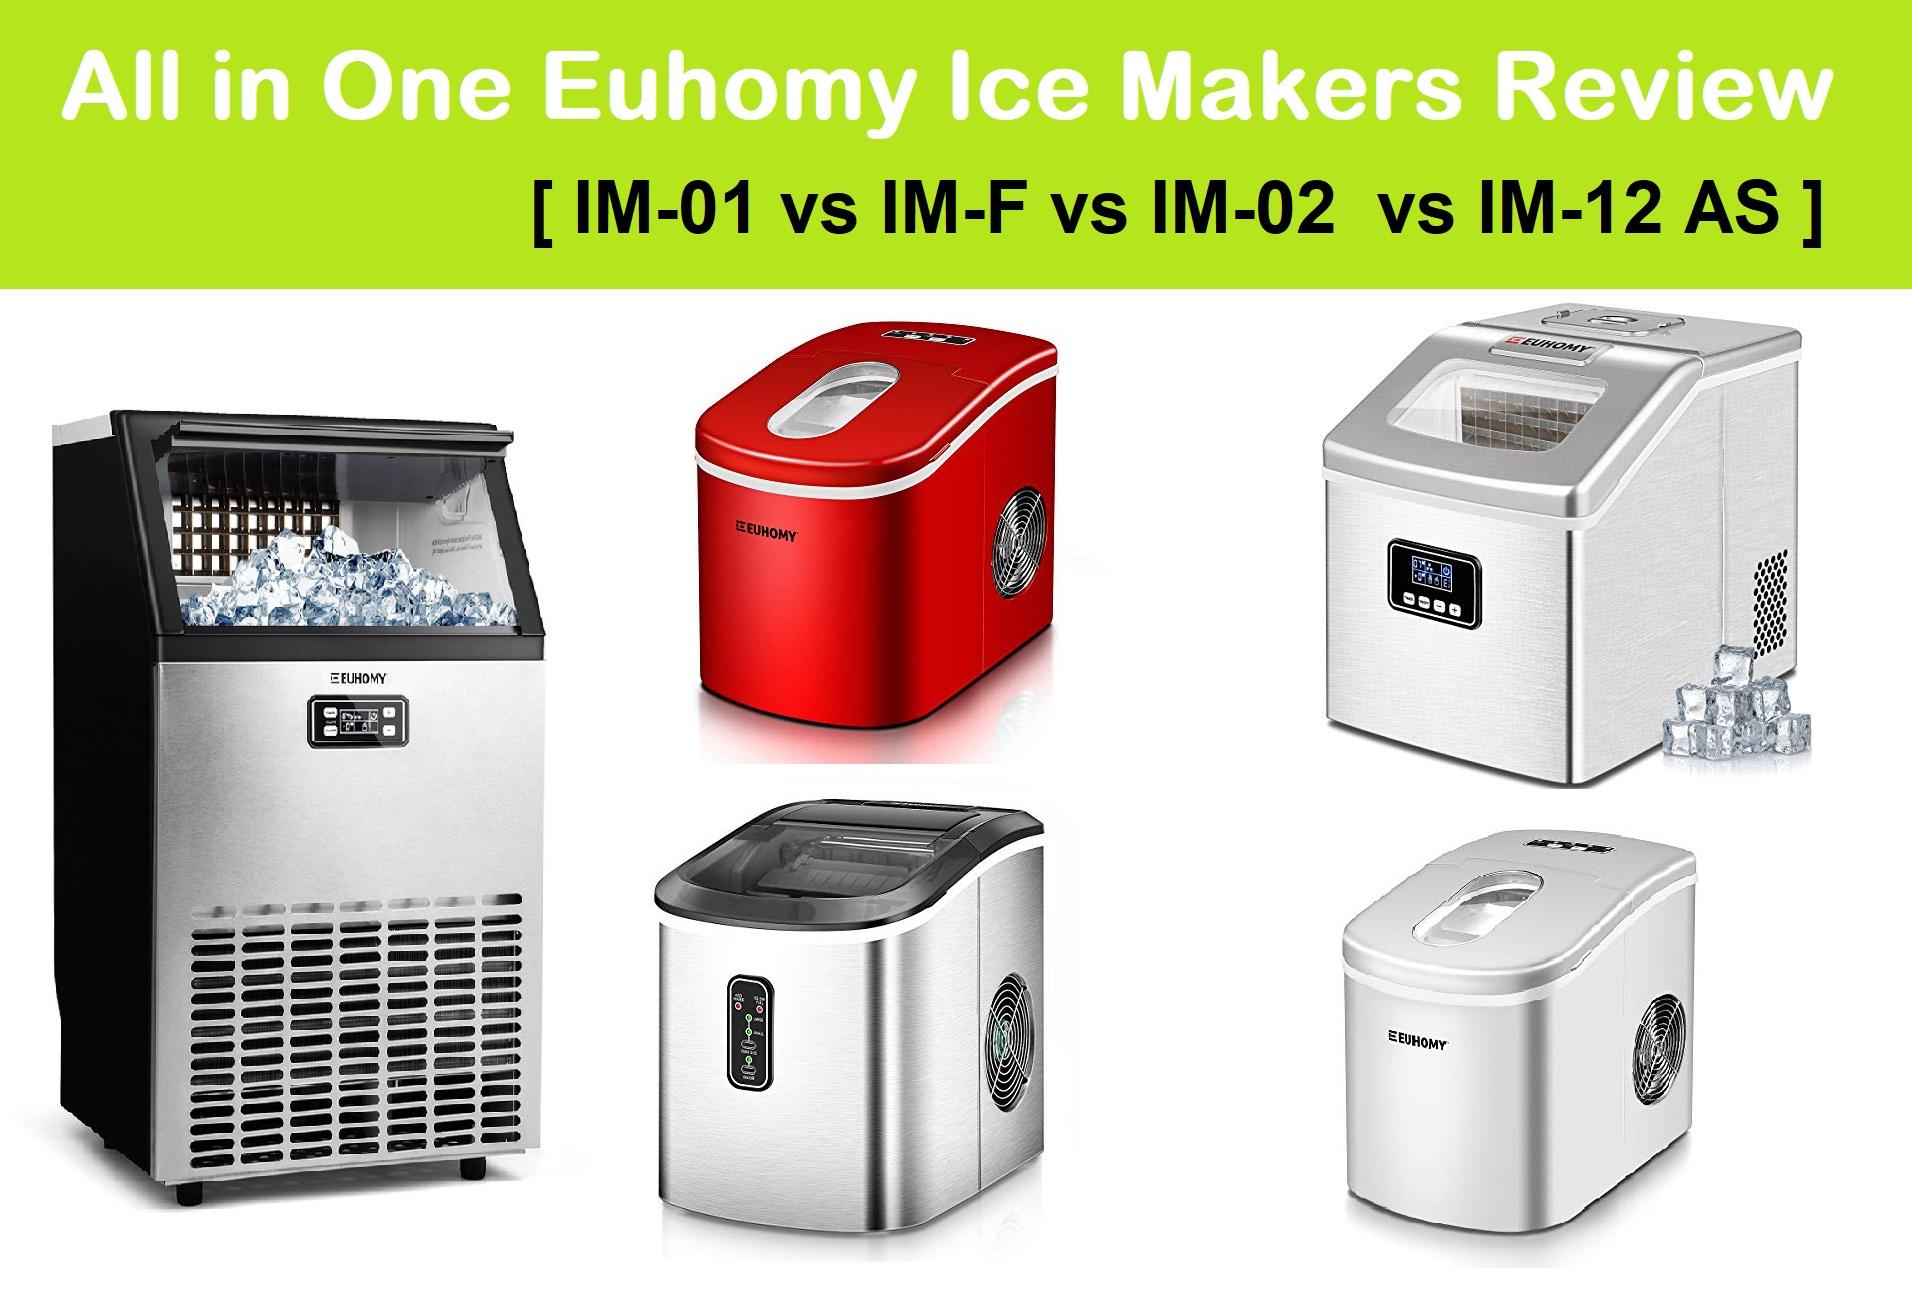 Euhomy 26lbs, 40lbs, 100lbs/24H Ice Maker Review 2021: IM-01 vs IM-F vs IM-02 vs IM-12 AS